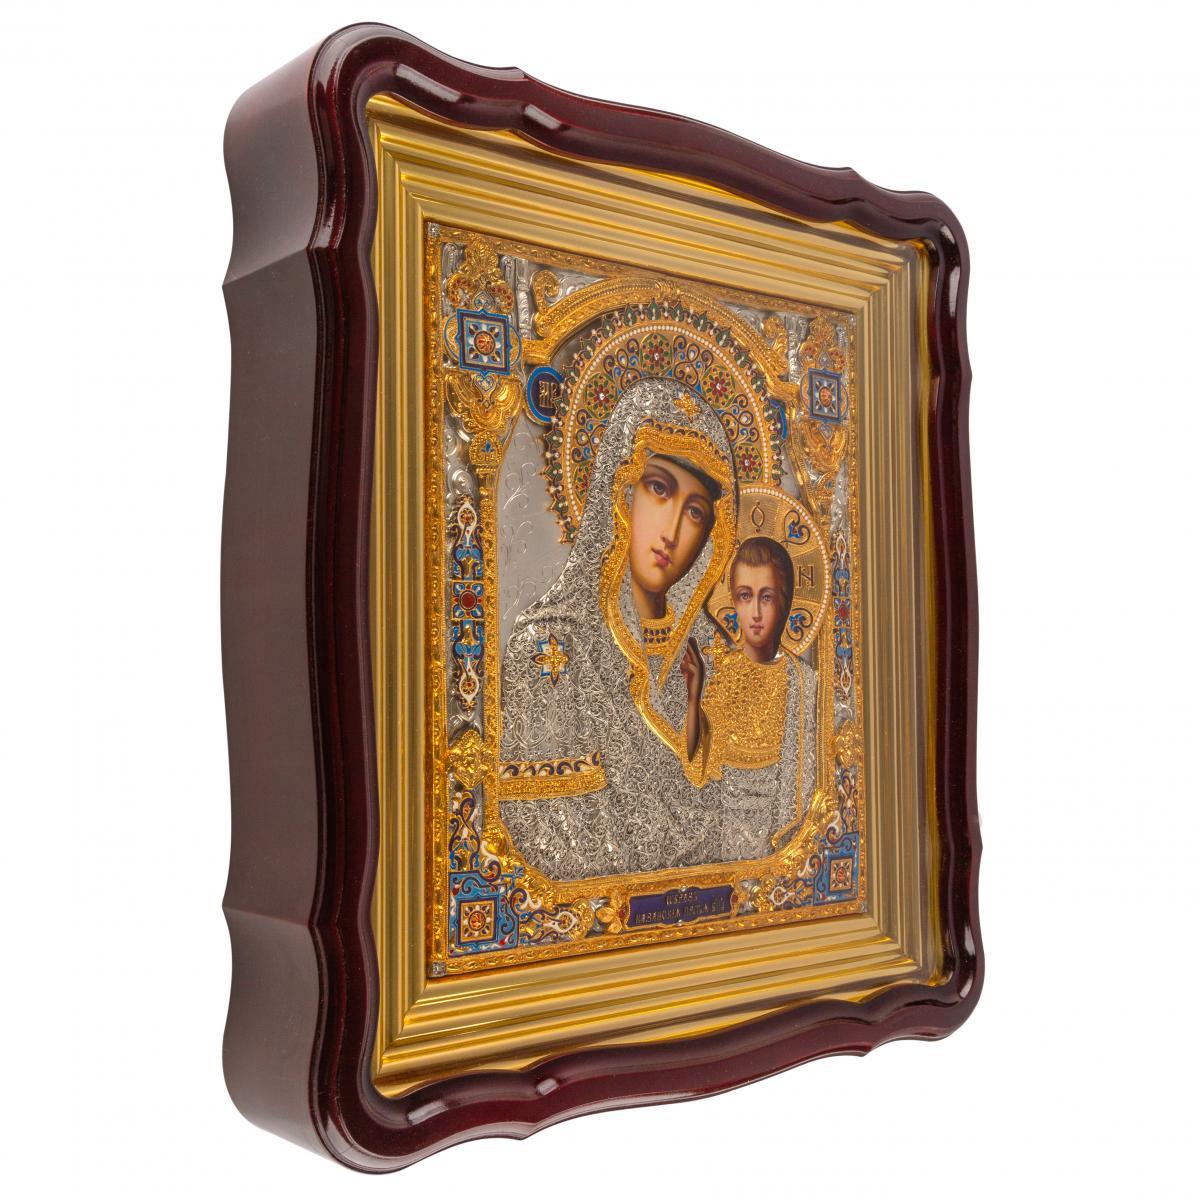 Эксклюзивная икона Божией Матери Казанская. Фото №1. | Народный дом Украина